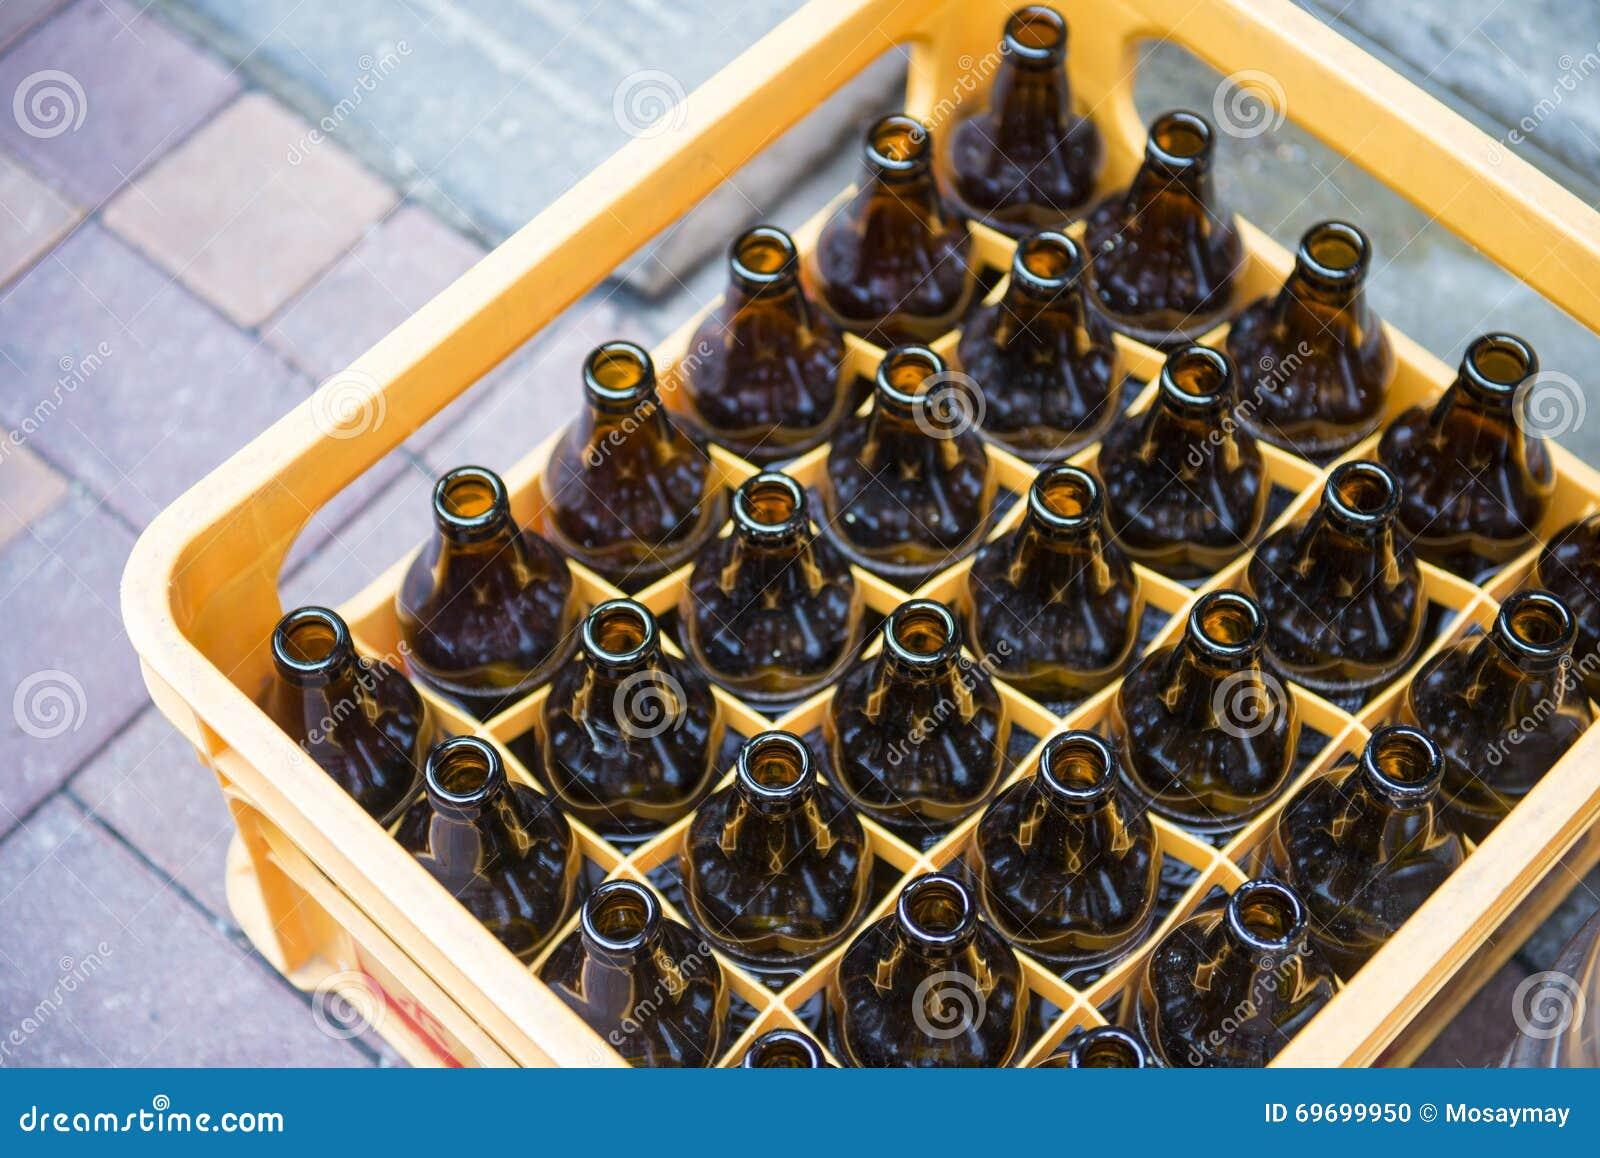 bouteille bire dans des caisses en plastique jaunes - Caisse Biere Plastique